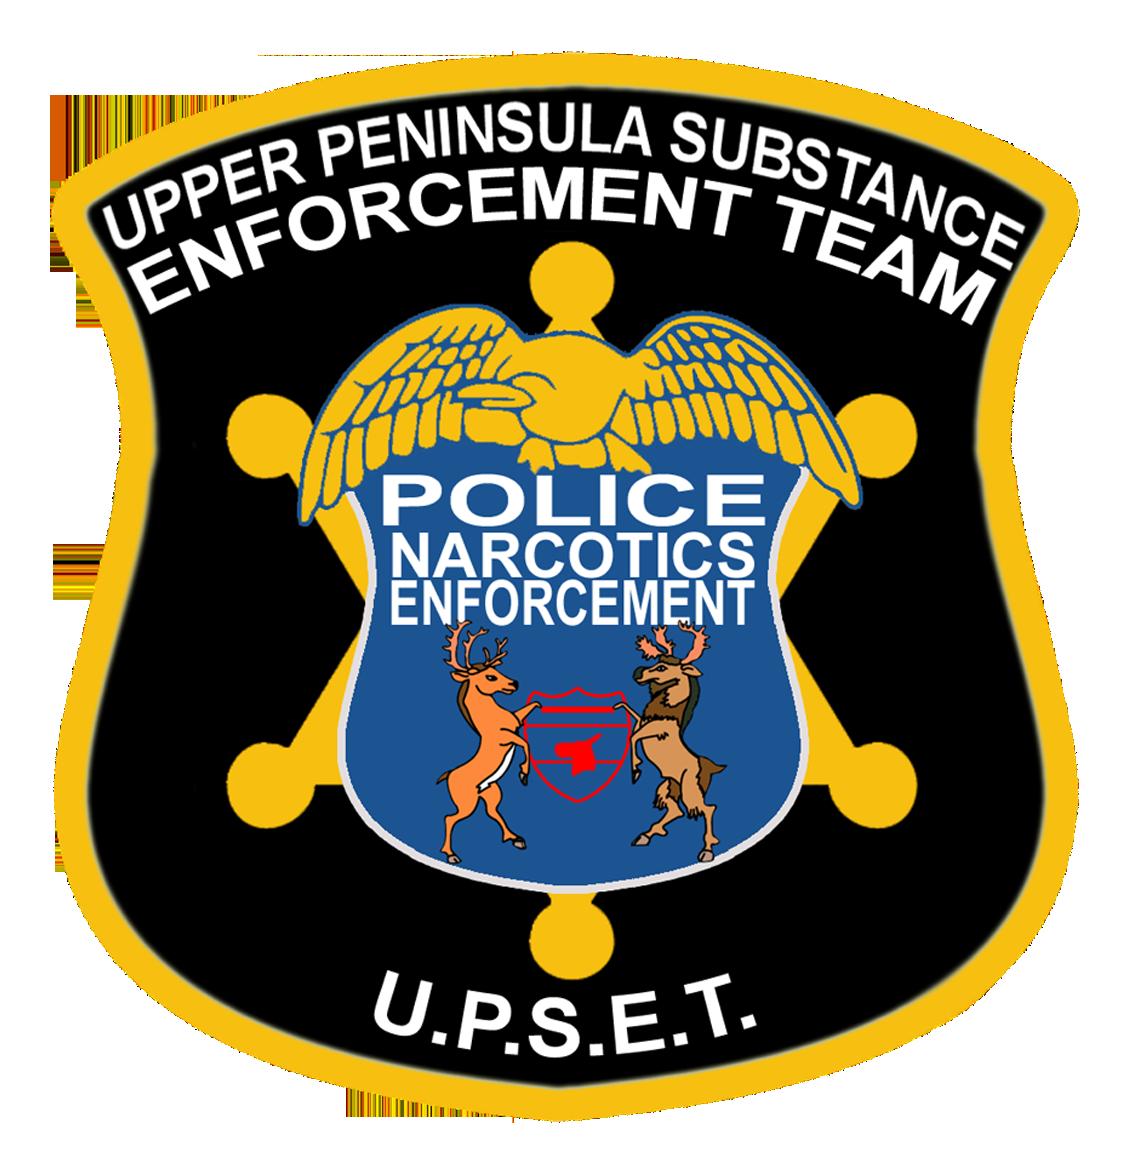 Upper Peninsula Substance Enforcement Team